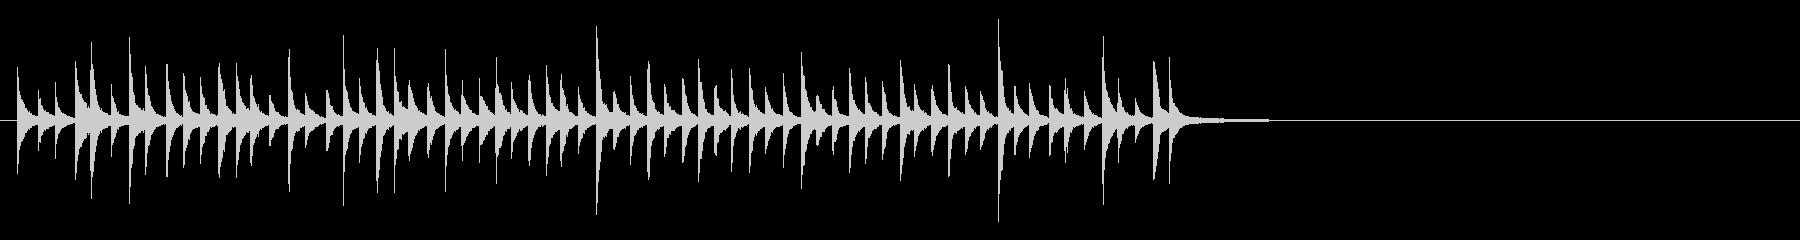 アイアンディナートライアングルベル...の未再生の波形